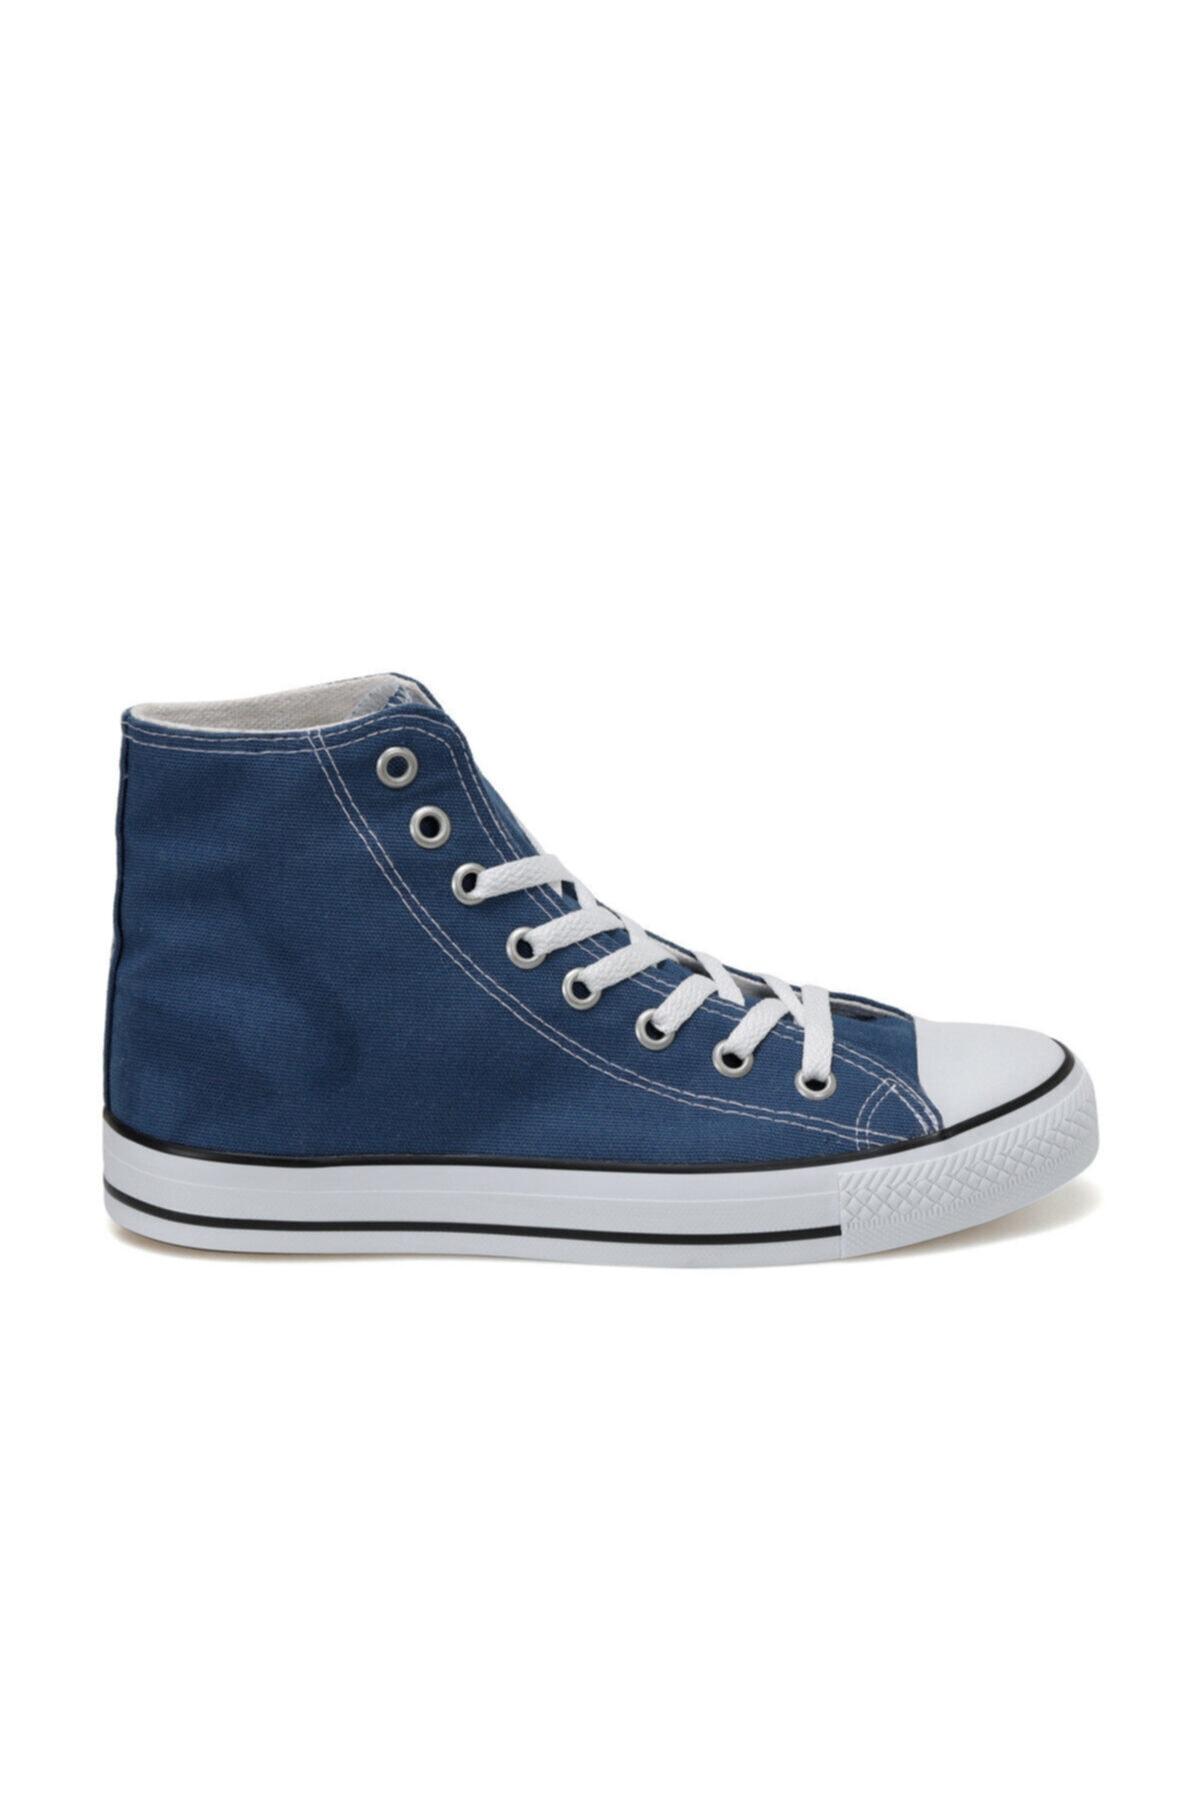 FORESTER EC-1105 HI Mavi Erkek Kalın Tabanlı Sneaker 100669440 2